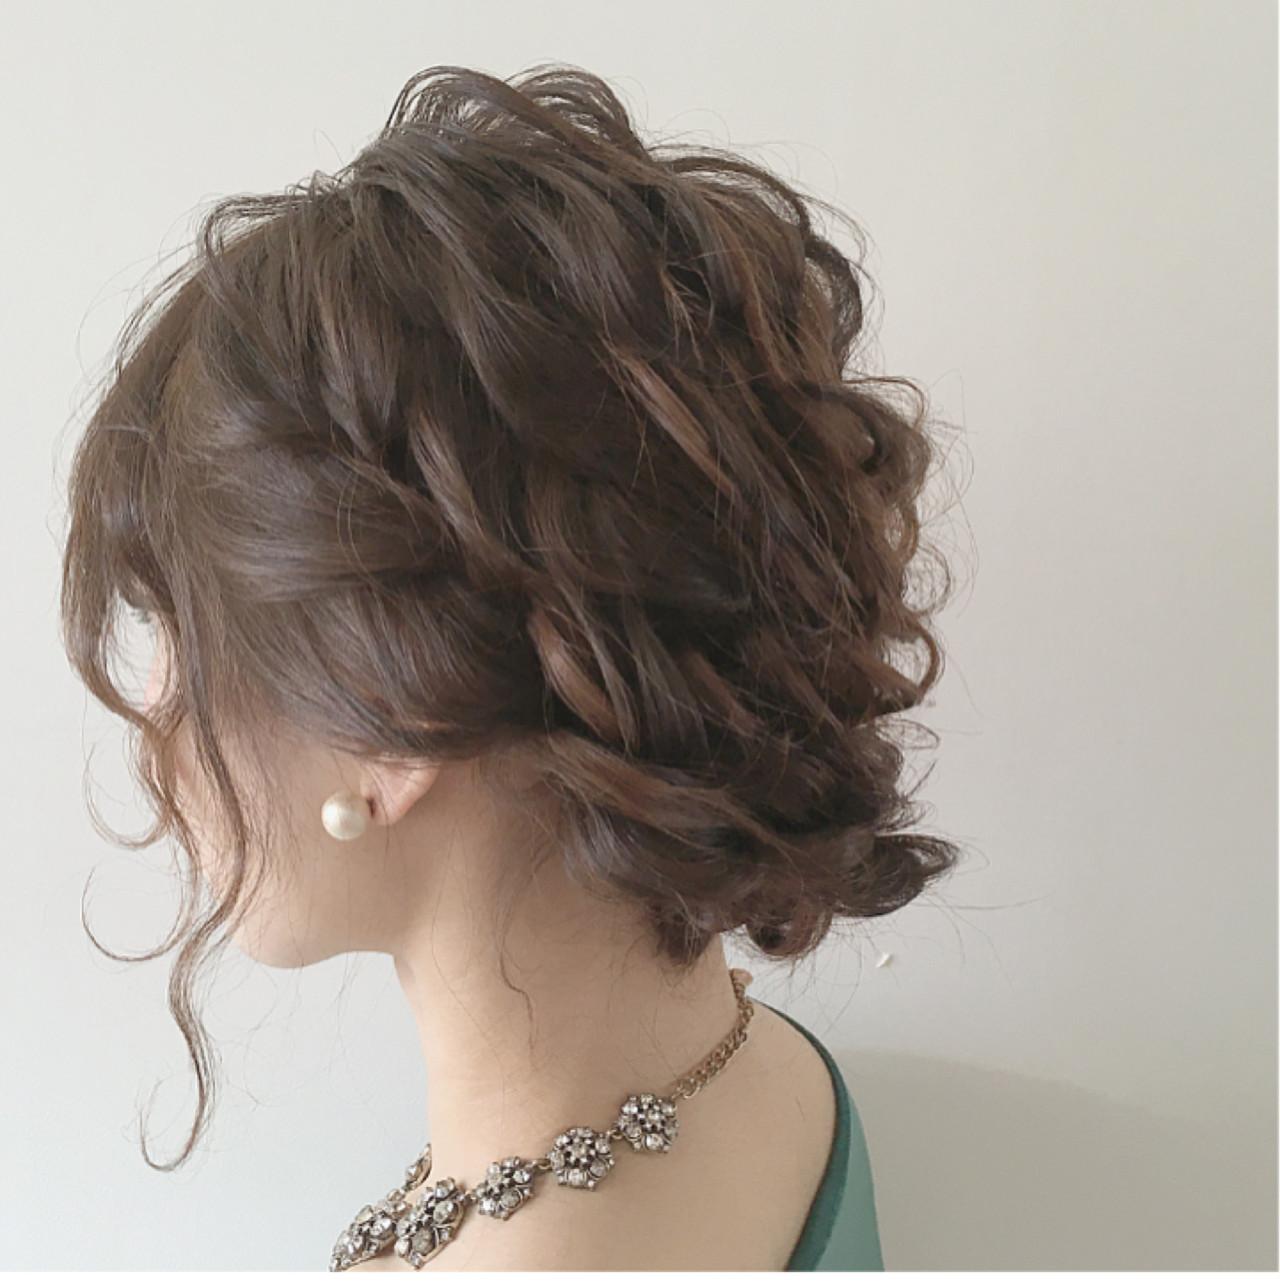 ナチュラル ミディアム ガーリー ヘアアレンジ ヘアスタイルや髪型の写真・画像